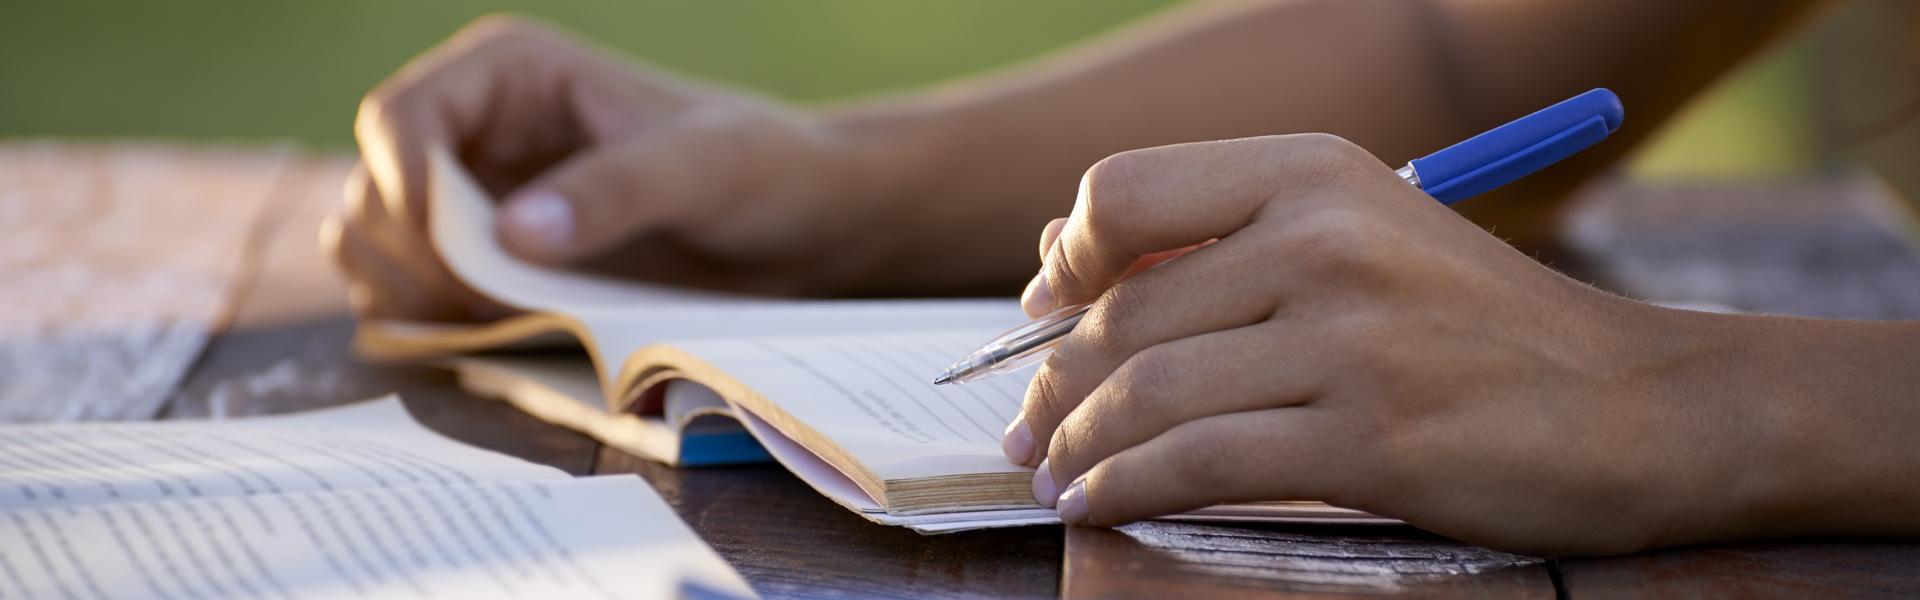 Schreibseminar: Schreiben lernen